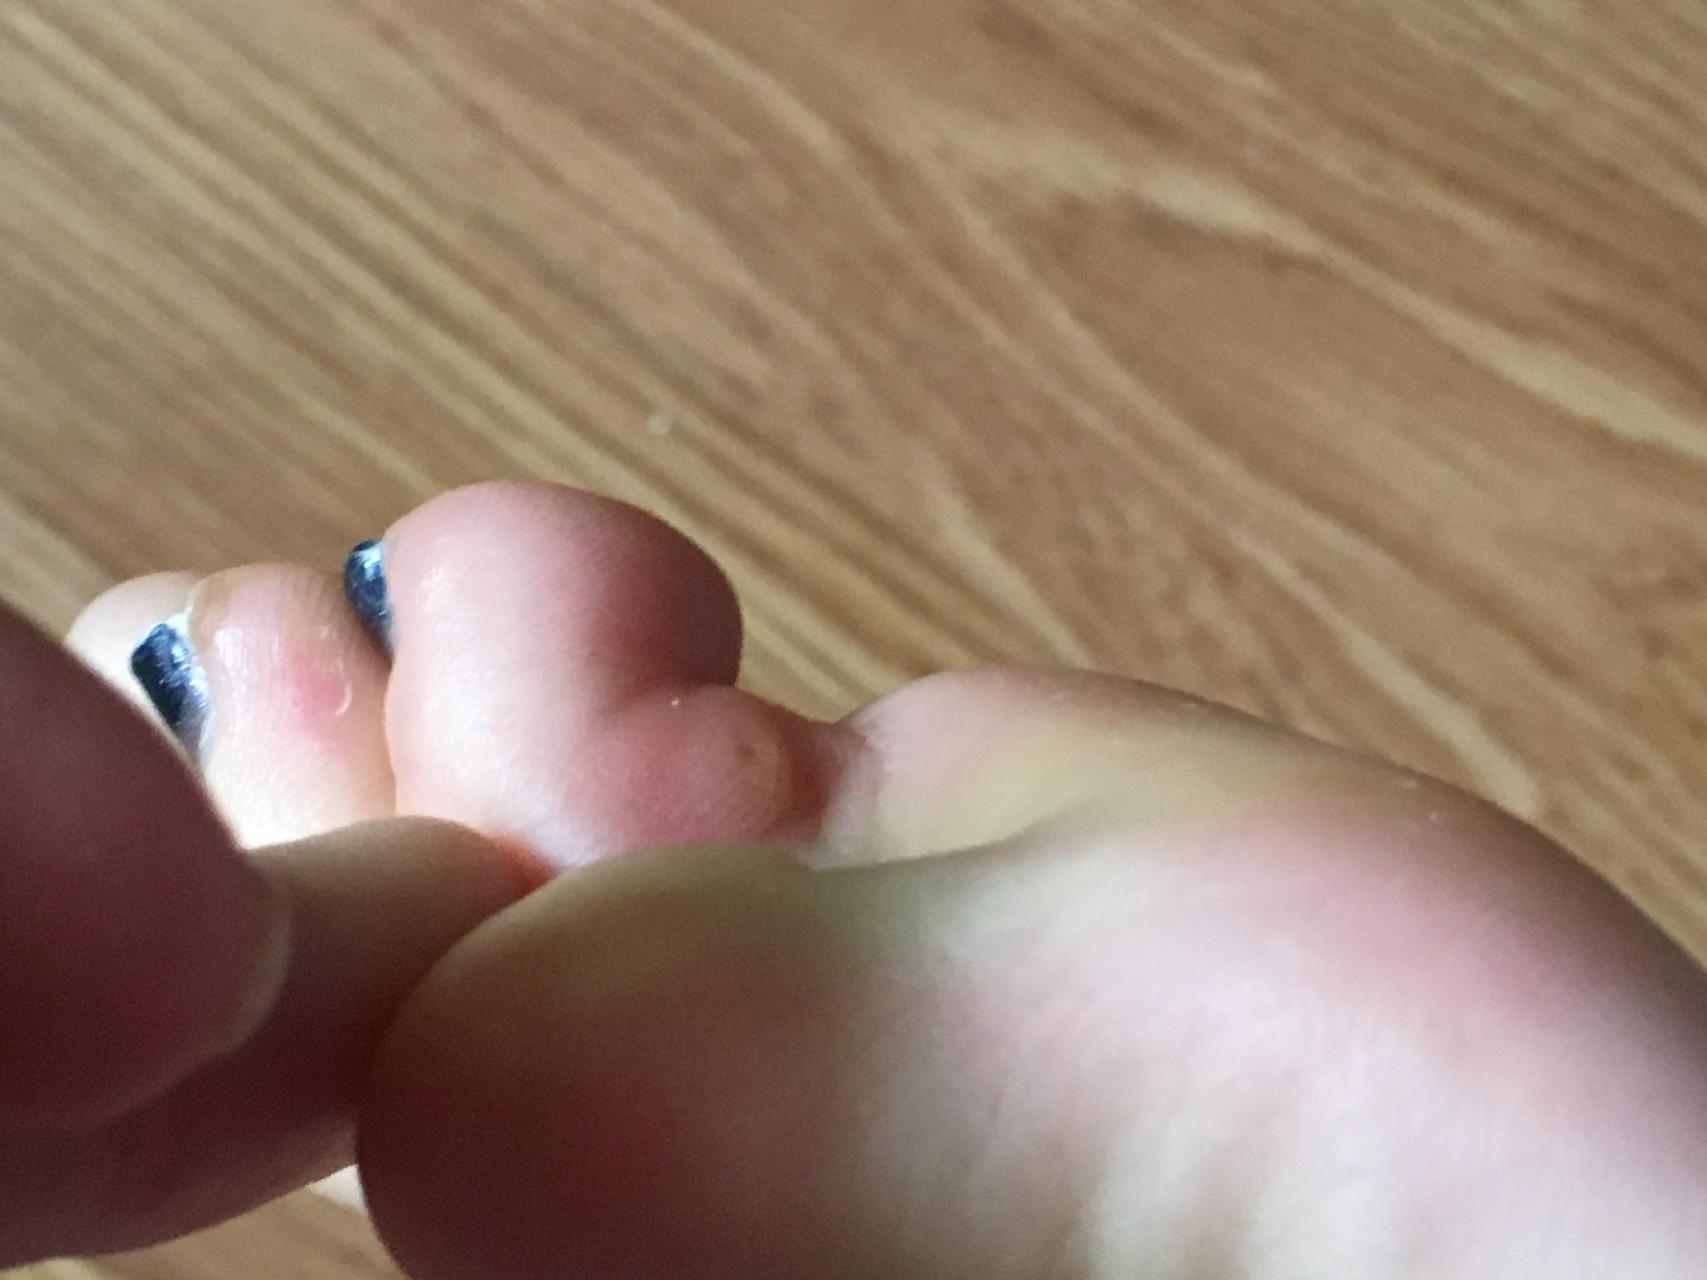 Как убрать косточку на ноге большого пальца в домашних условиях 49